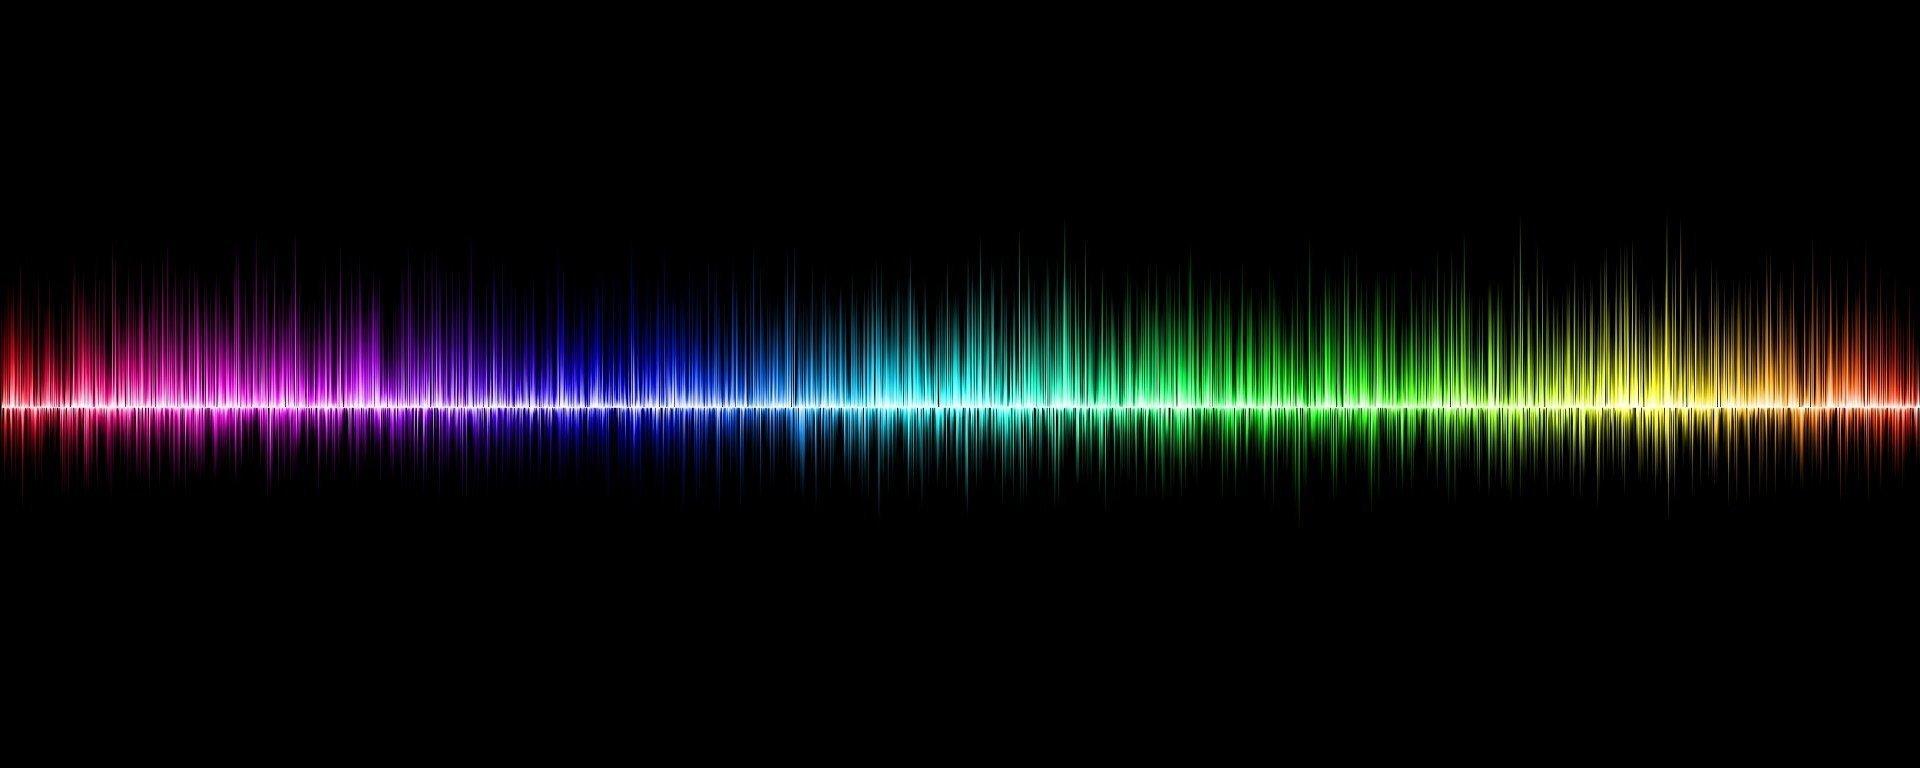 immagine di sfondo di un suono